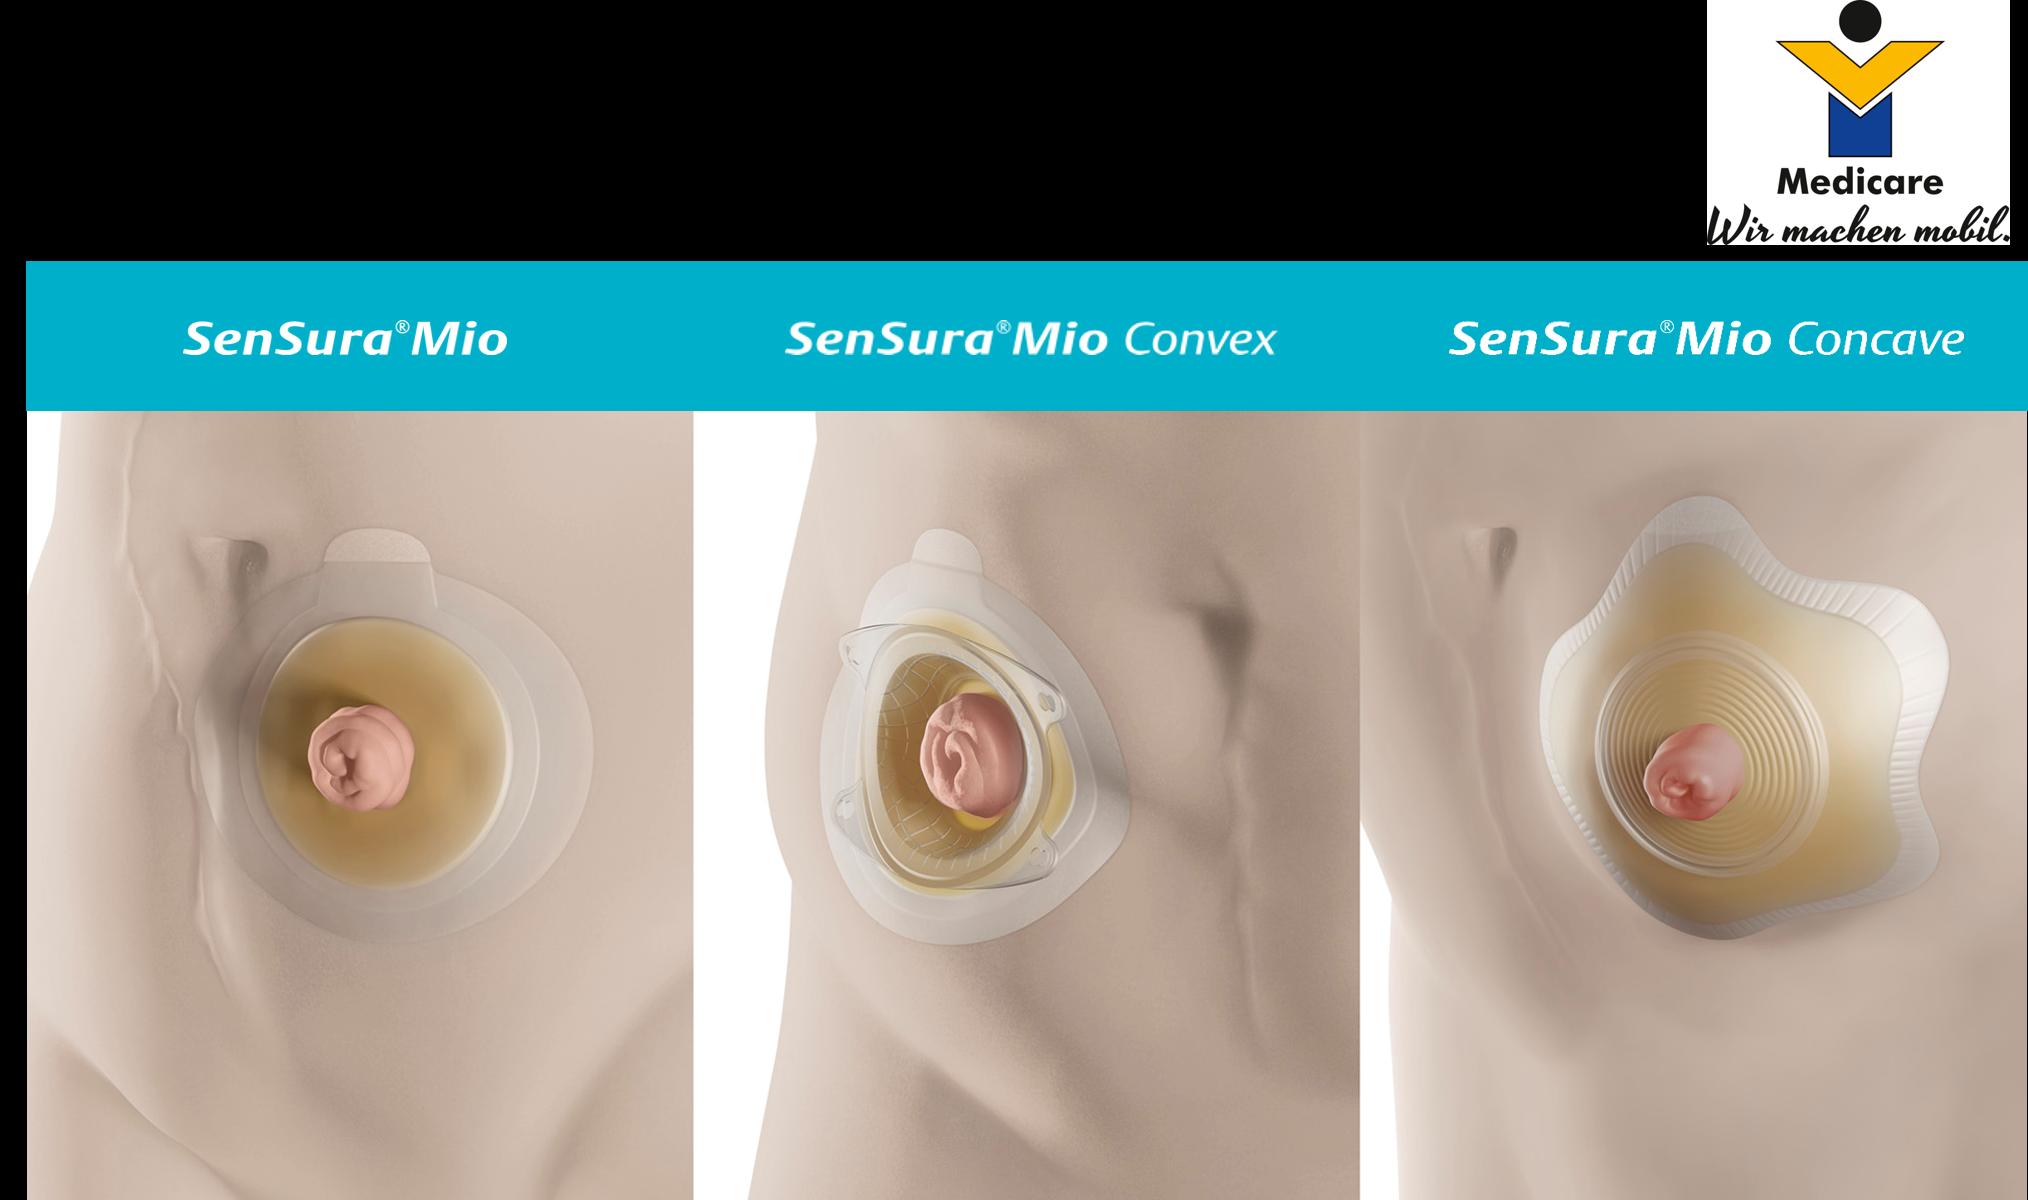 SenSura Mio - Stomaversorgung für individuelle Körperformen